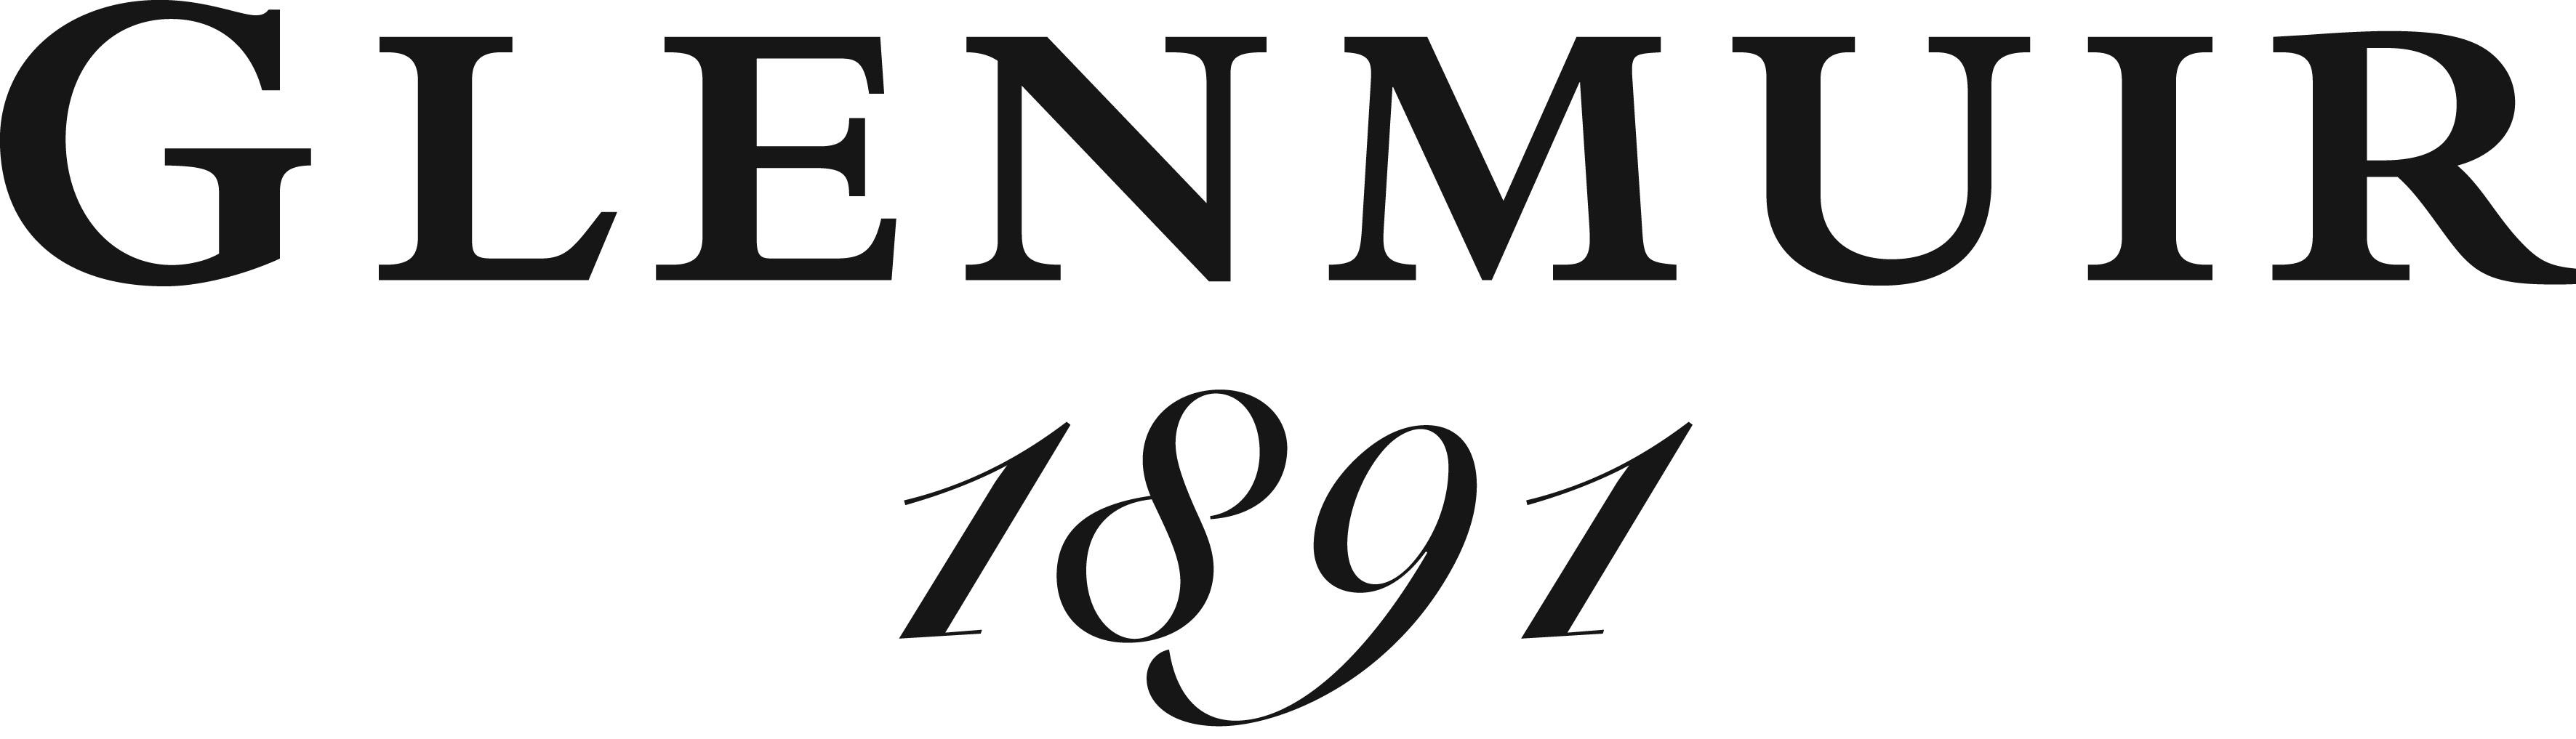 Glenmuir 1891 Script Logo large[2]